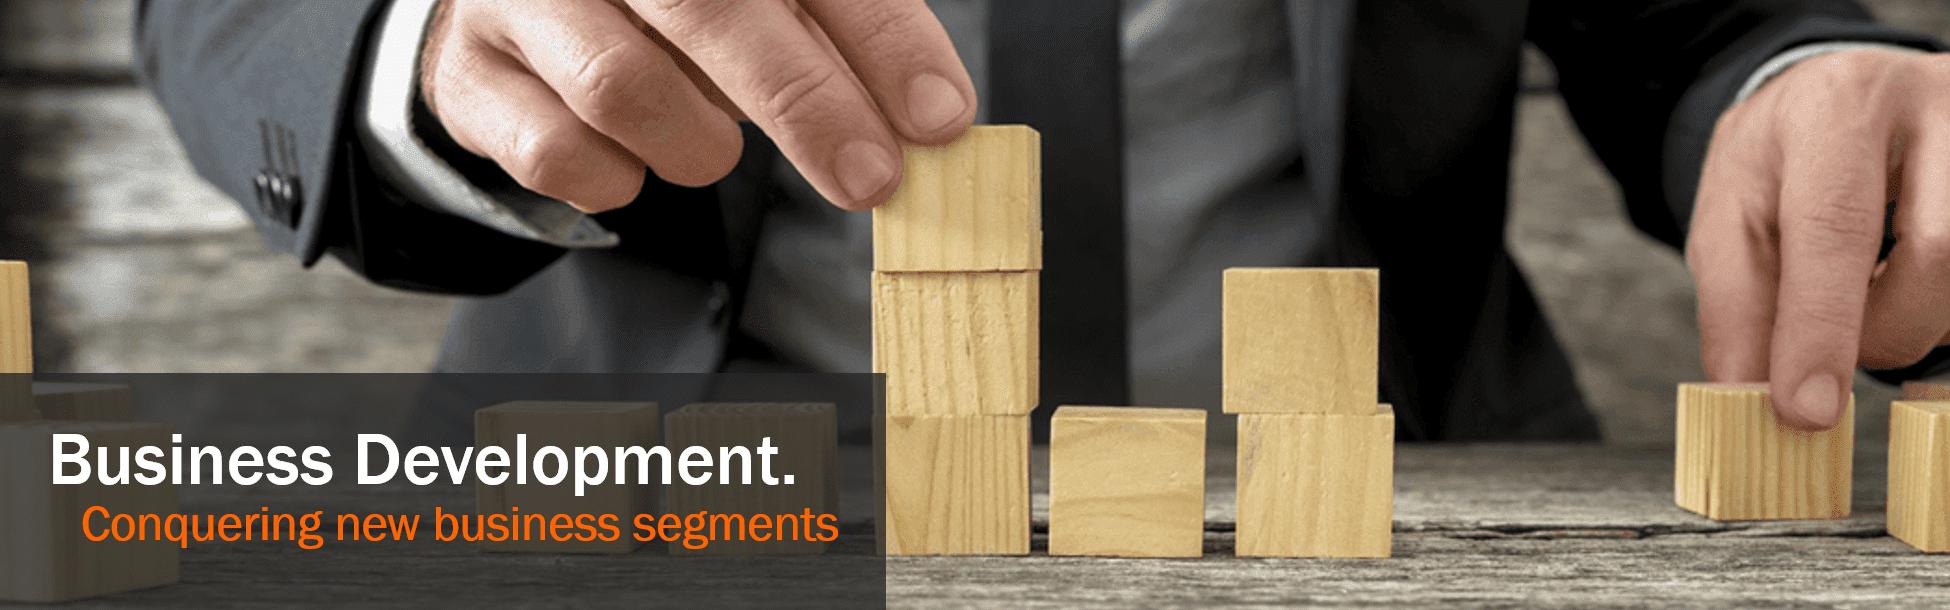 Business Development_Slider_en